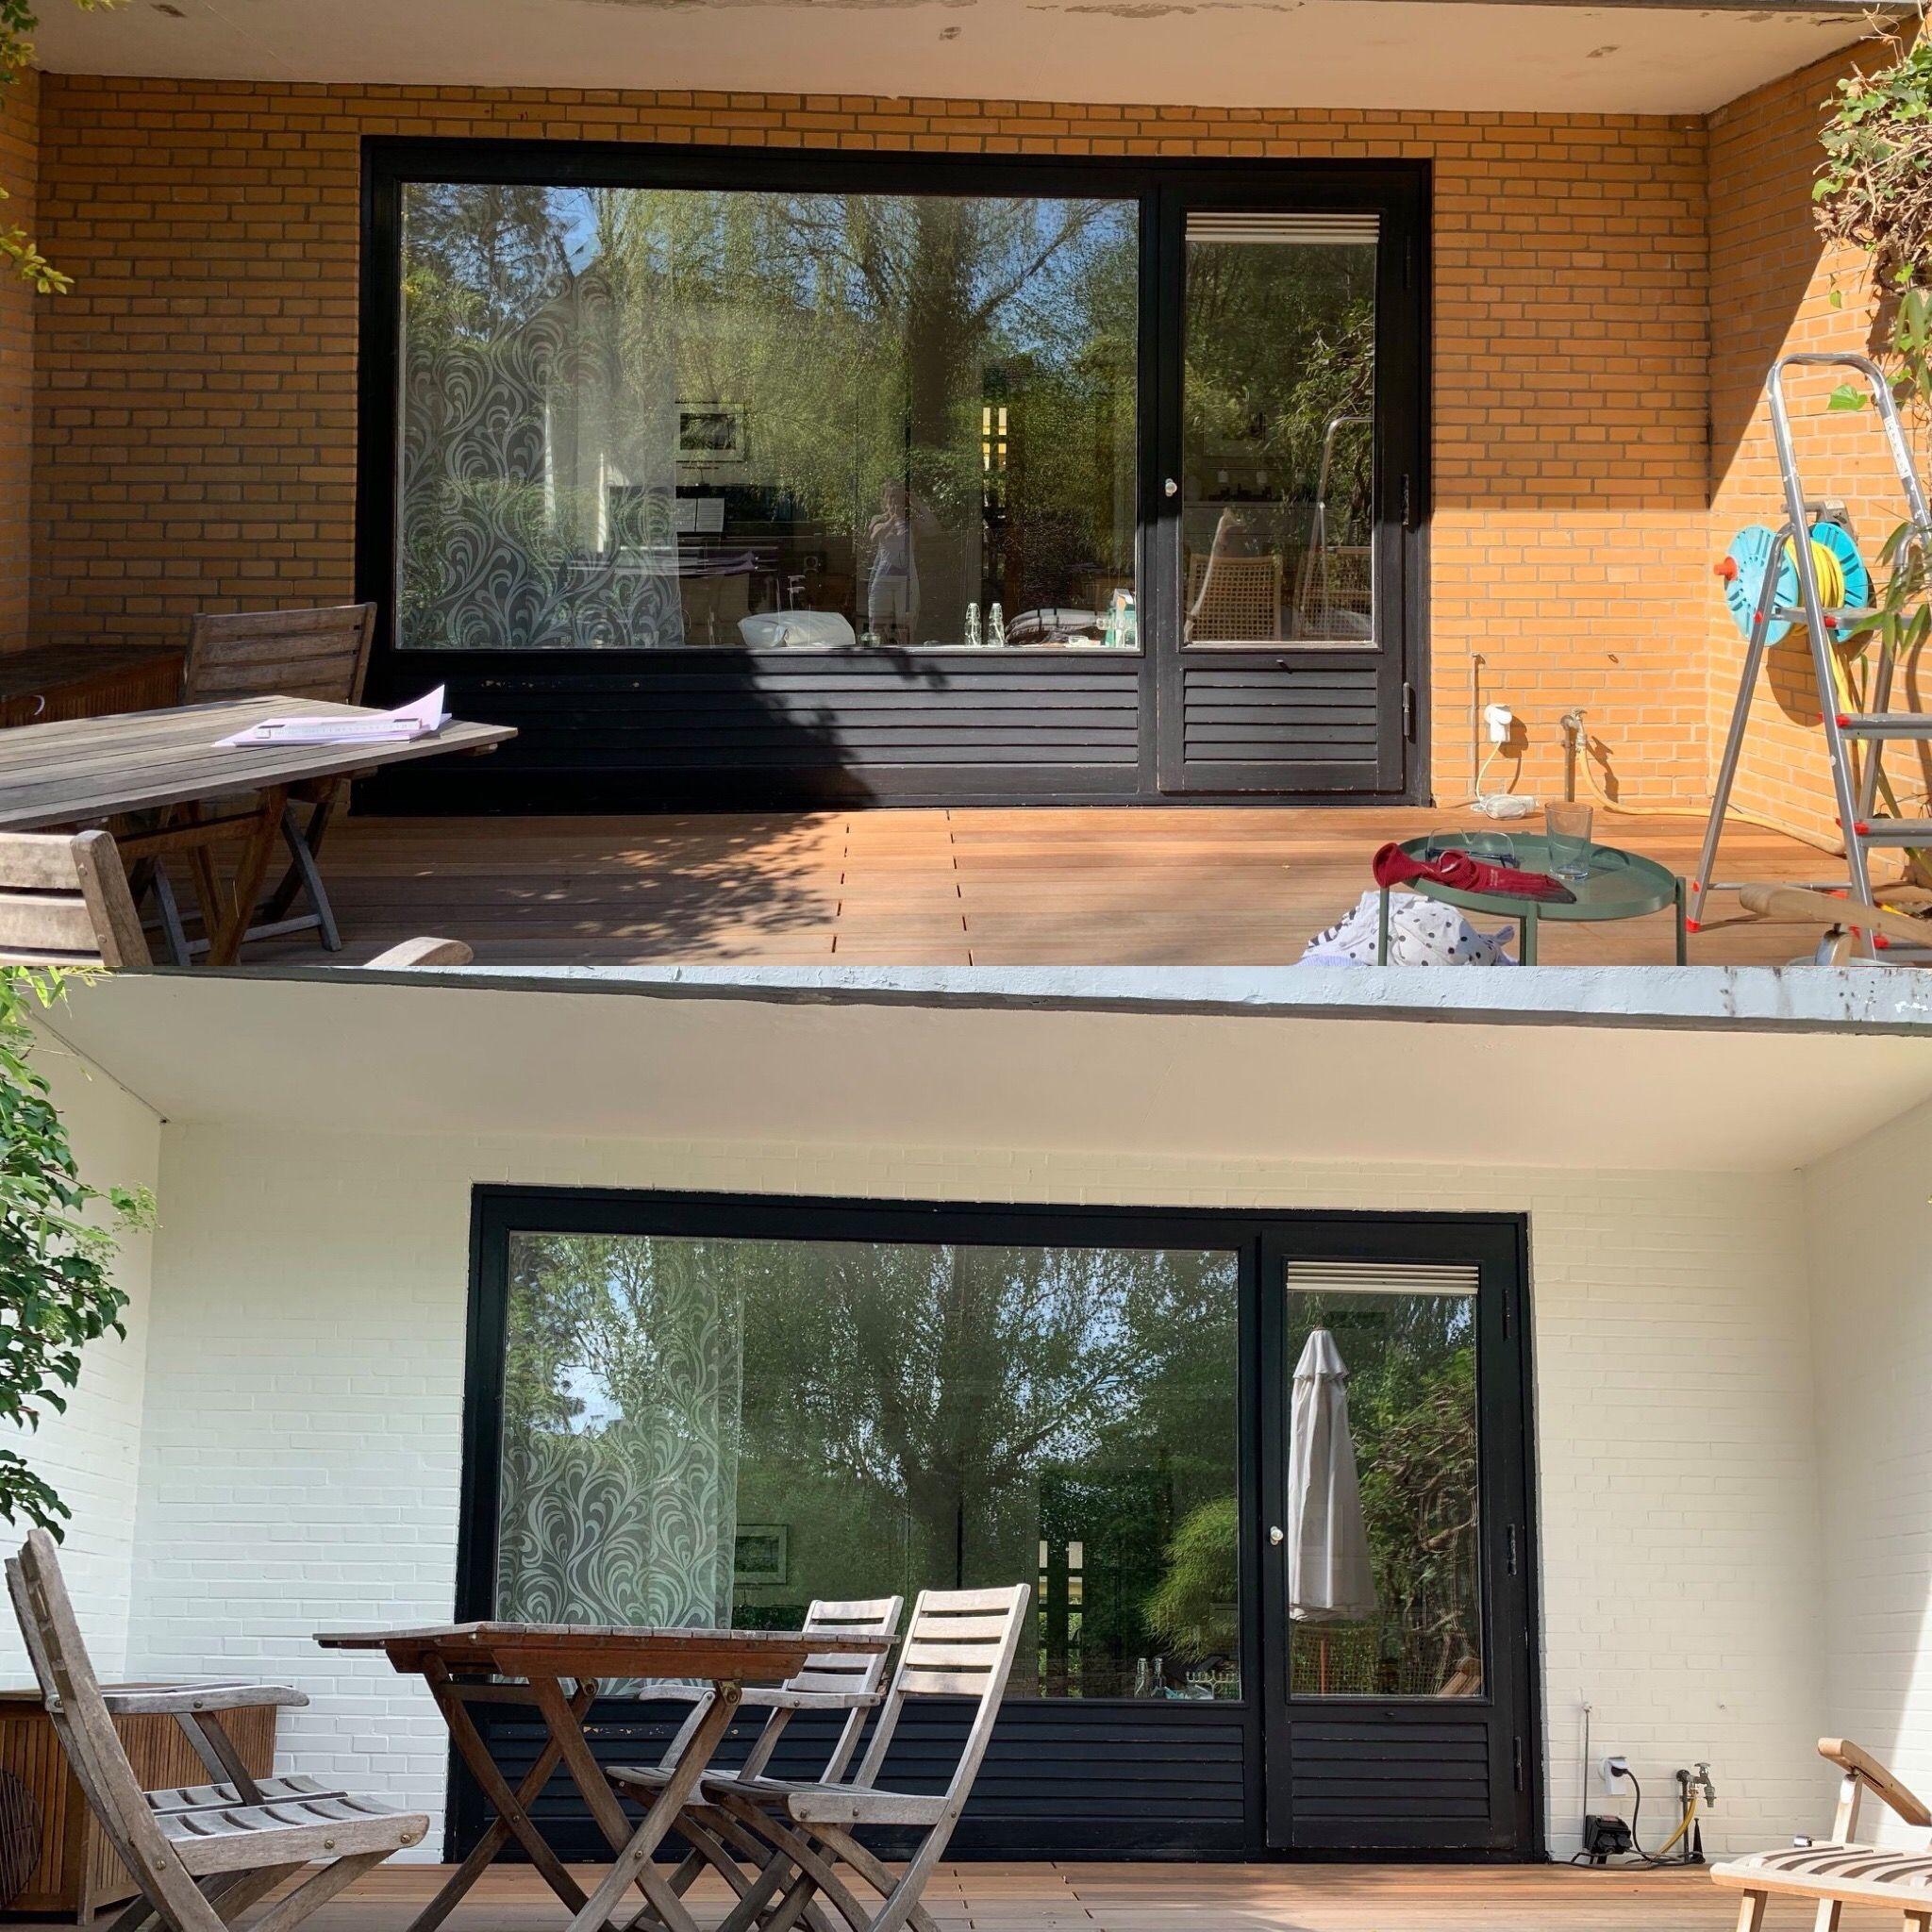 Jetzt Kreidefarbe Als Outdoorfarbe Nutzen Misspompadour Aussenwandfarbe Fassade Klinker Klinker